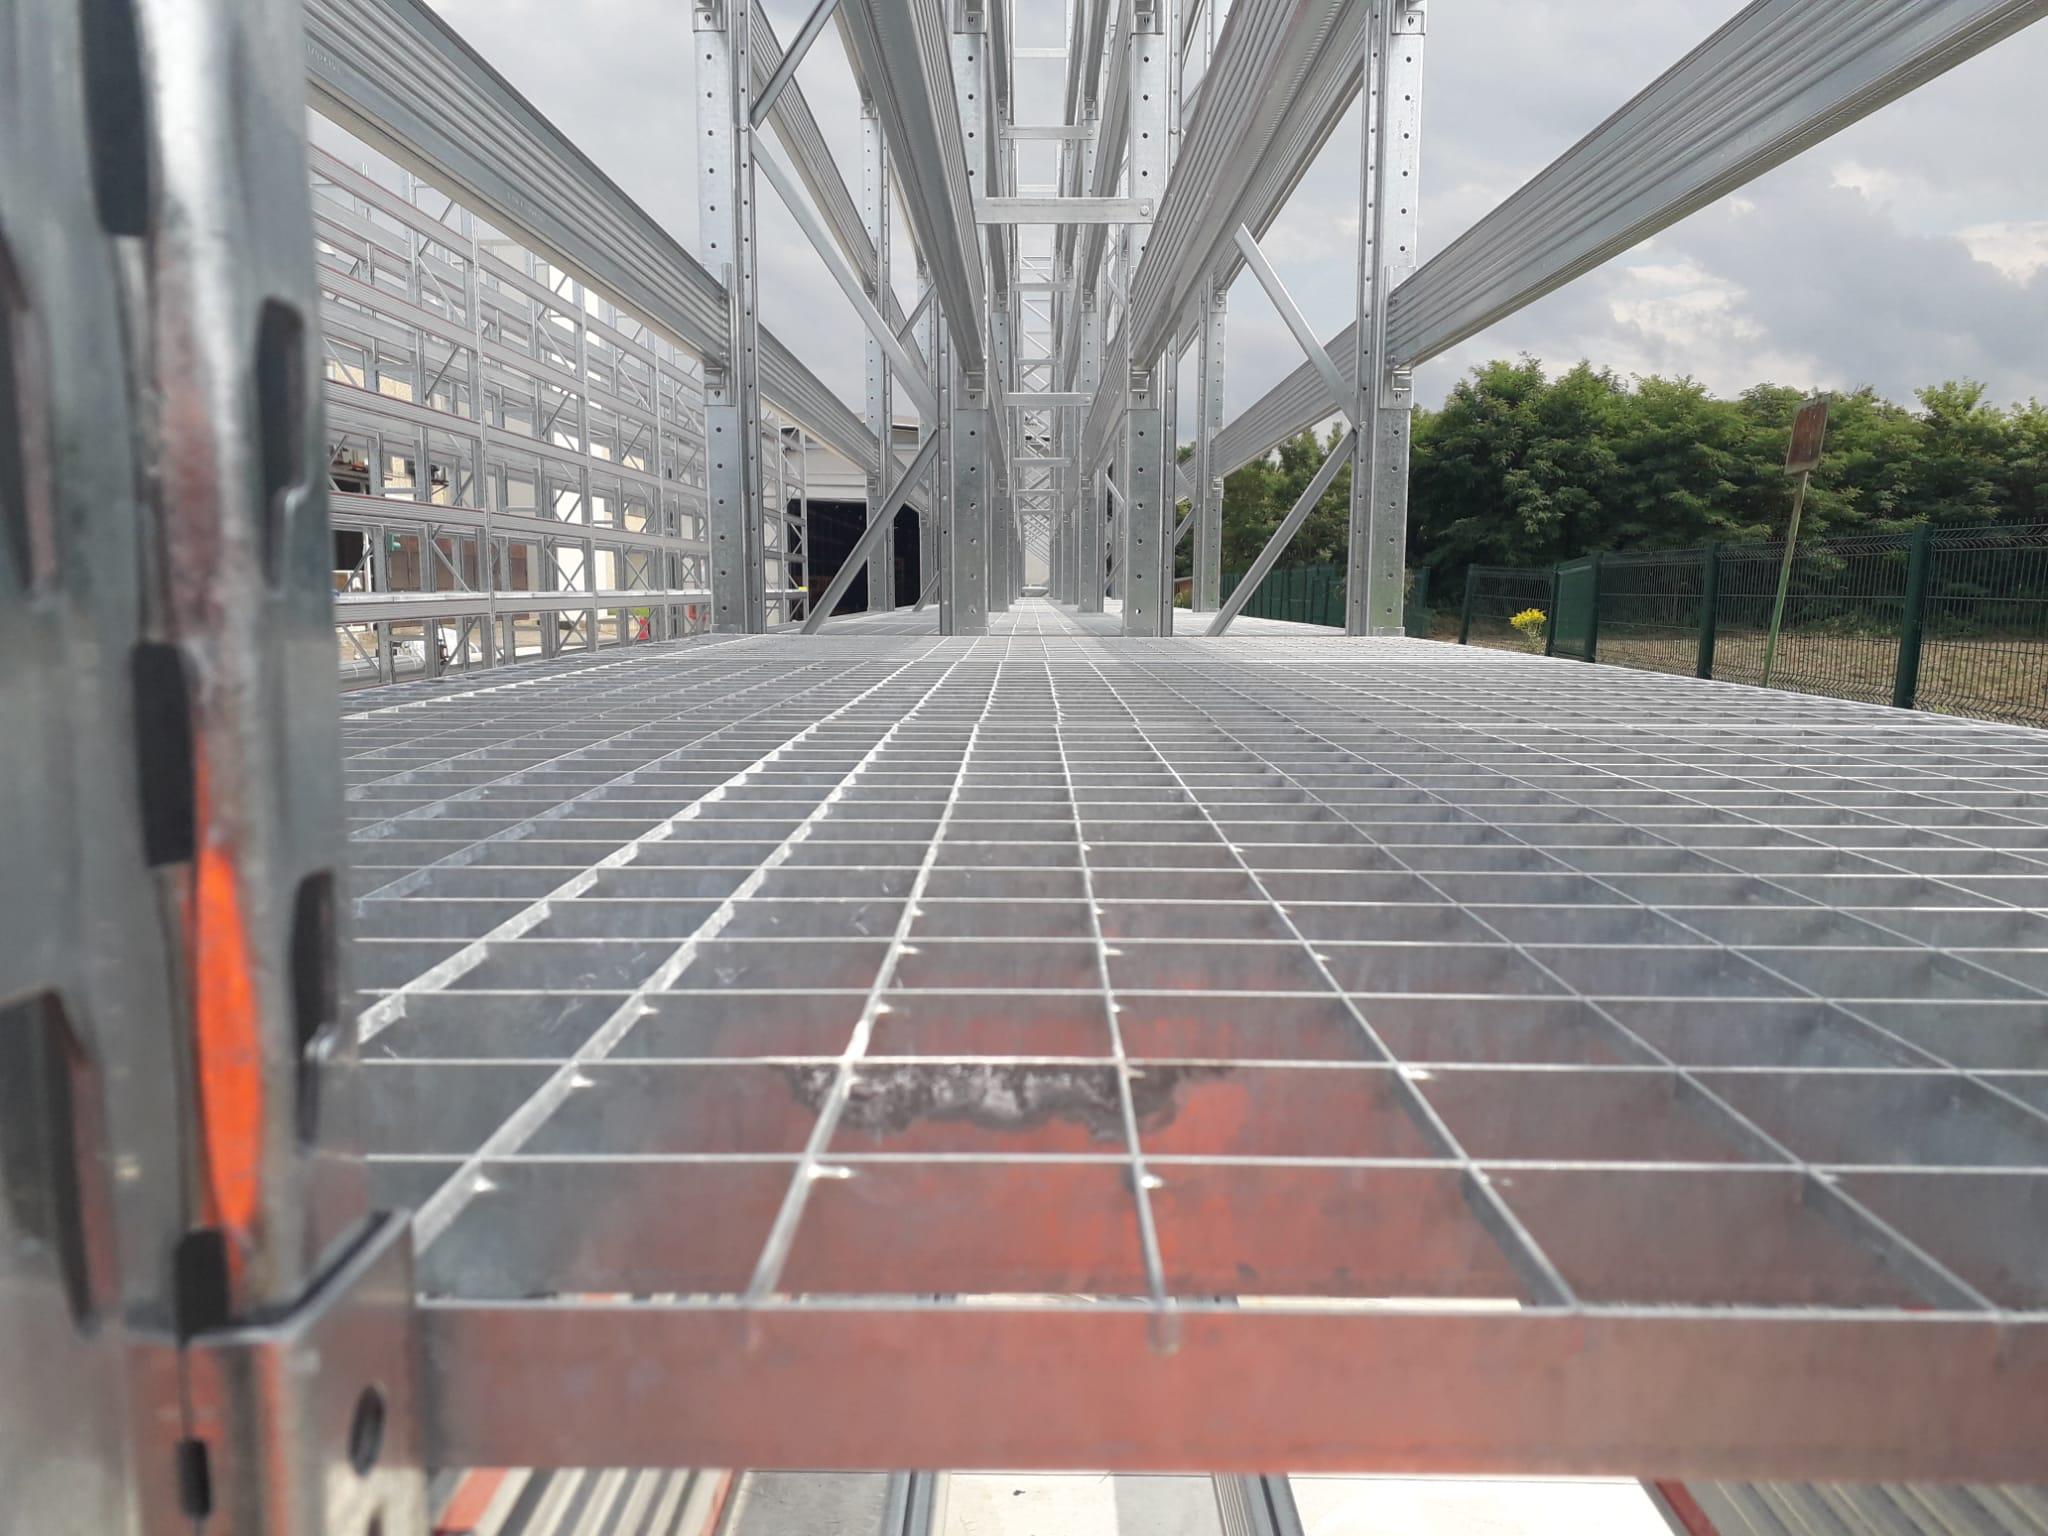 Piani in grigliato per la realizzazione di piani di copertura per scaffali portapallet